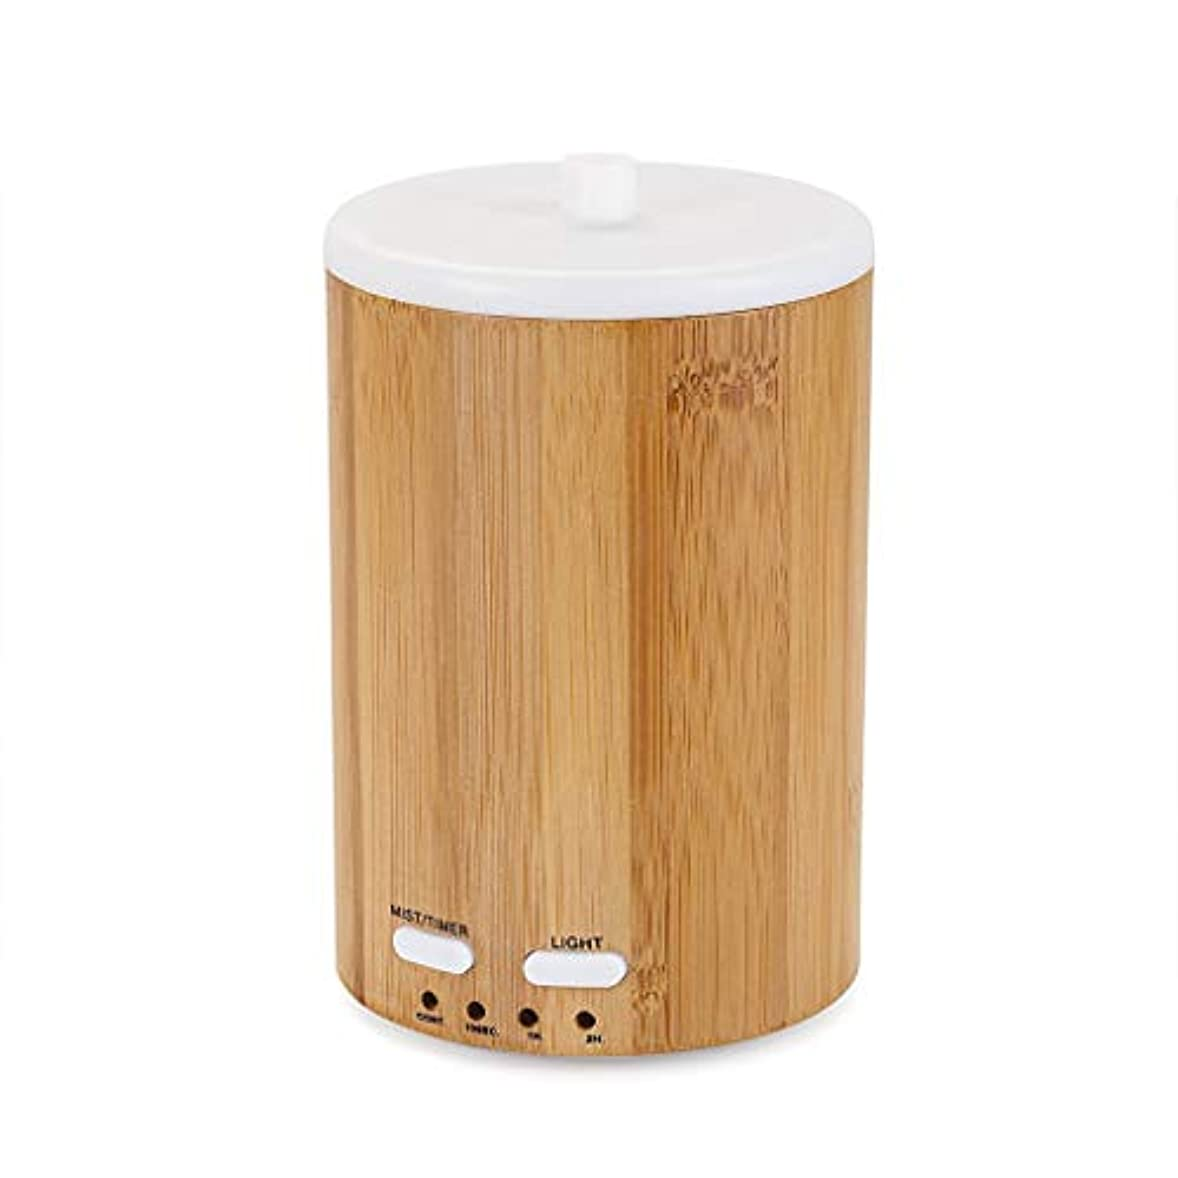 センブランスアソシエイトブッシュアップグレードされたリアル竹ディフューザー超音波ディフューザークールミスト加湿器断続的な連続ミスト2作業モードウォーターレスオートオフ7色LEDライト (Color : Bamboo)